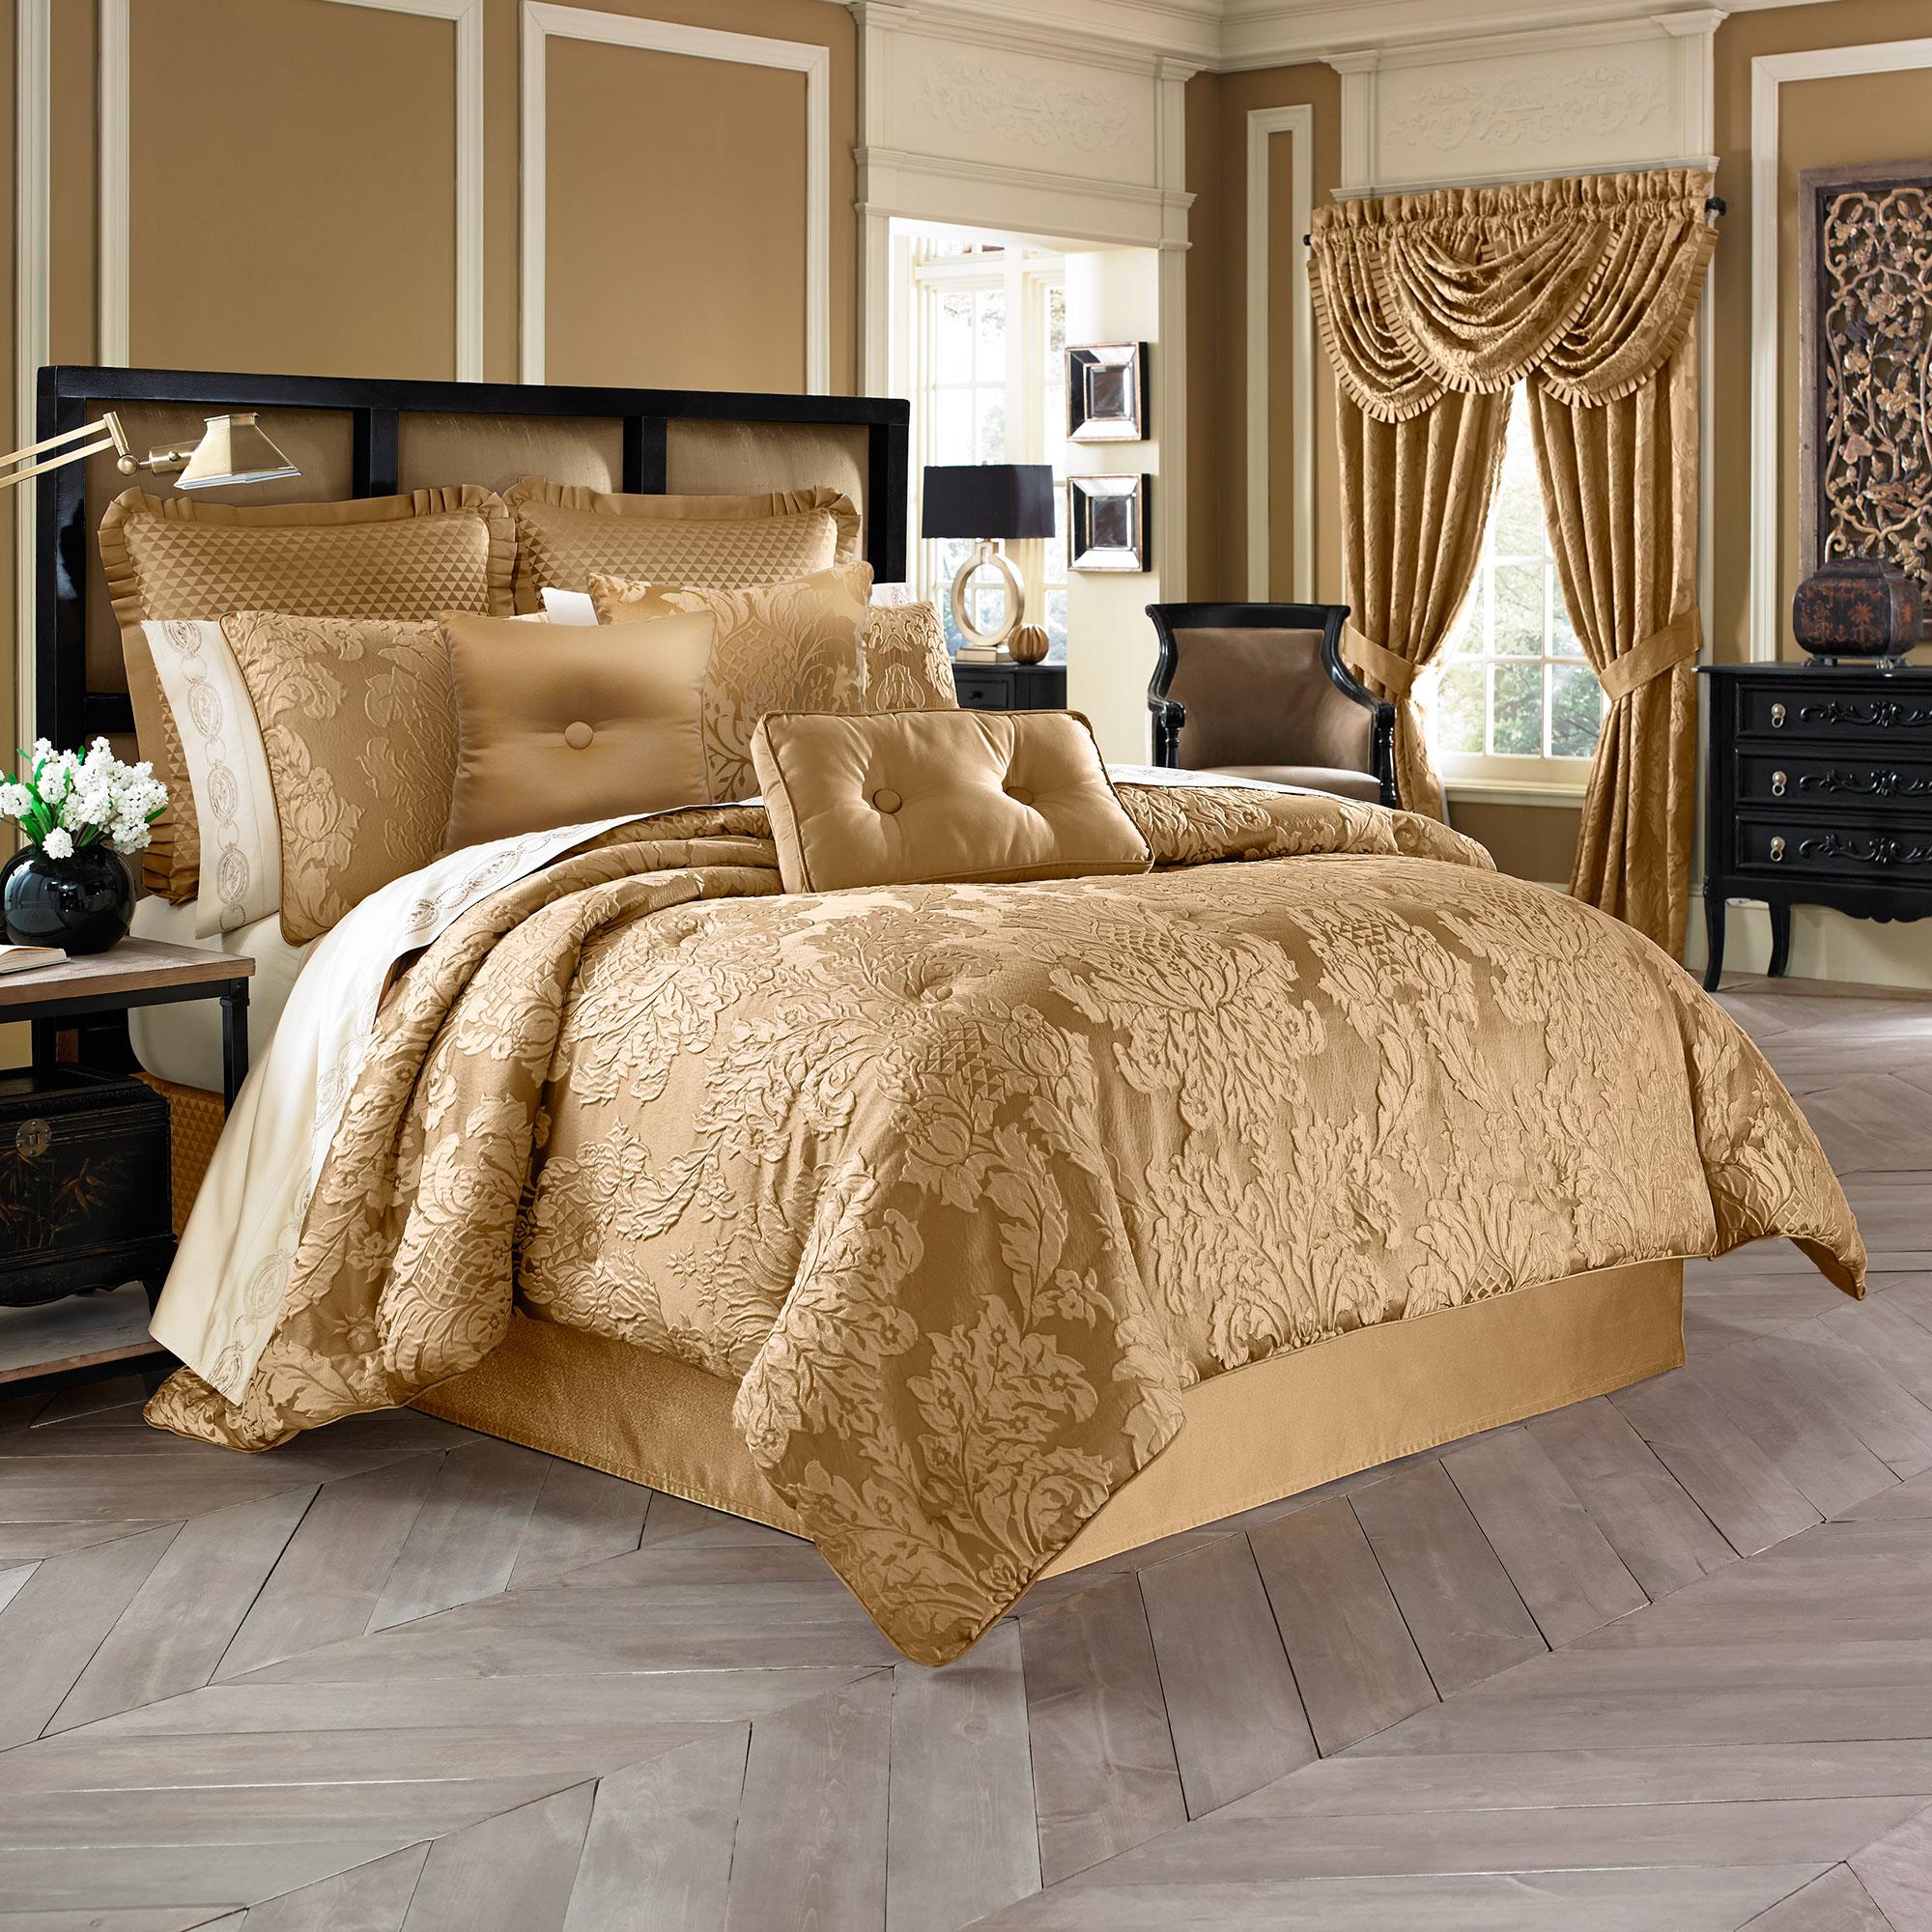 Comforter Sets.Colonial Queen 4 Piece Comforter Set